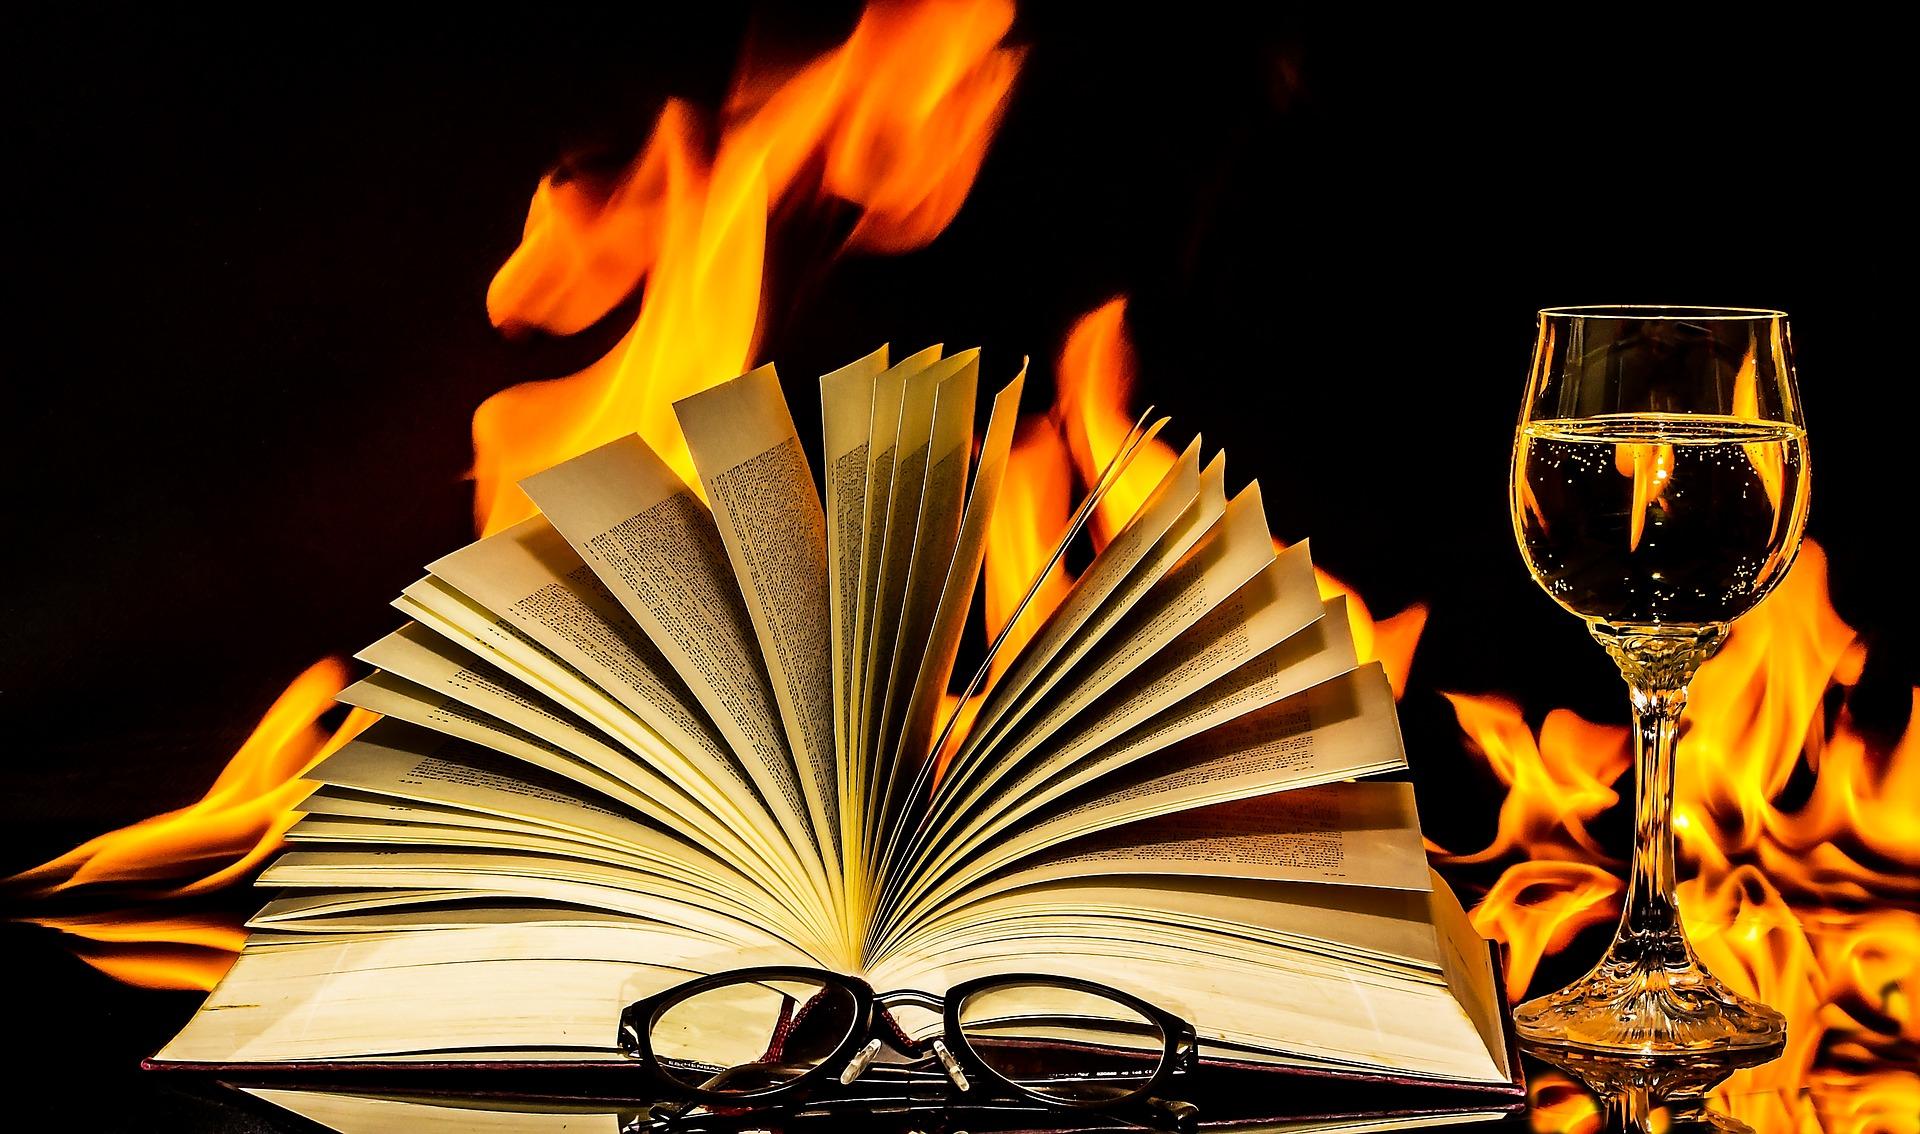 Las artes se unen: cocina y literatura satisfacen las pasiones de los más exigentes.